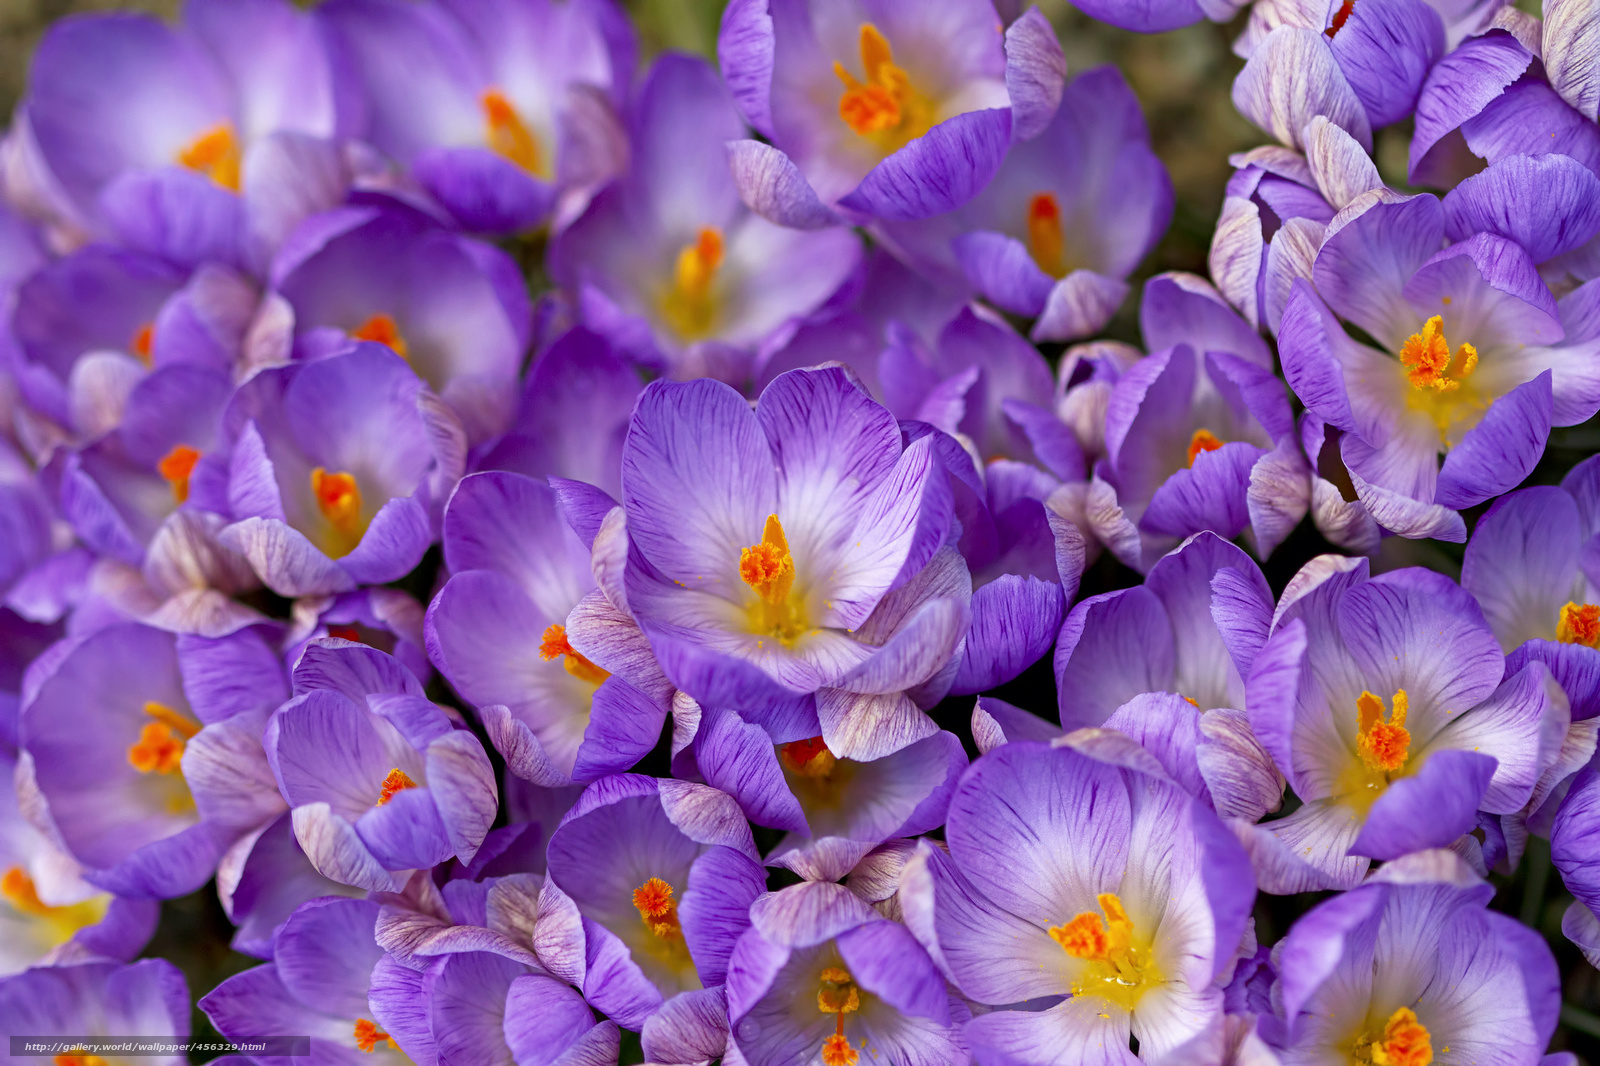 Скачать обои крокусы, шафран, весна ...: ru.gdefon.com/download/krokusy_shafran_vesna/456329/2048x1365